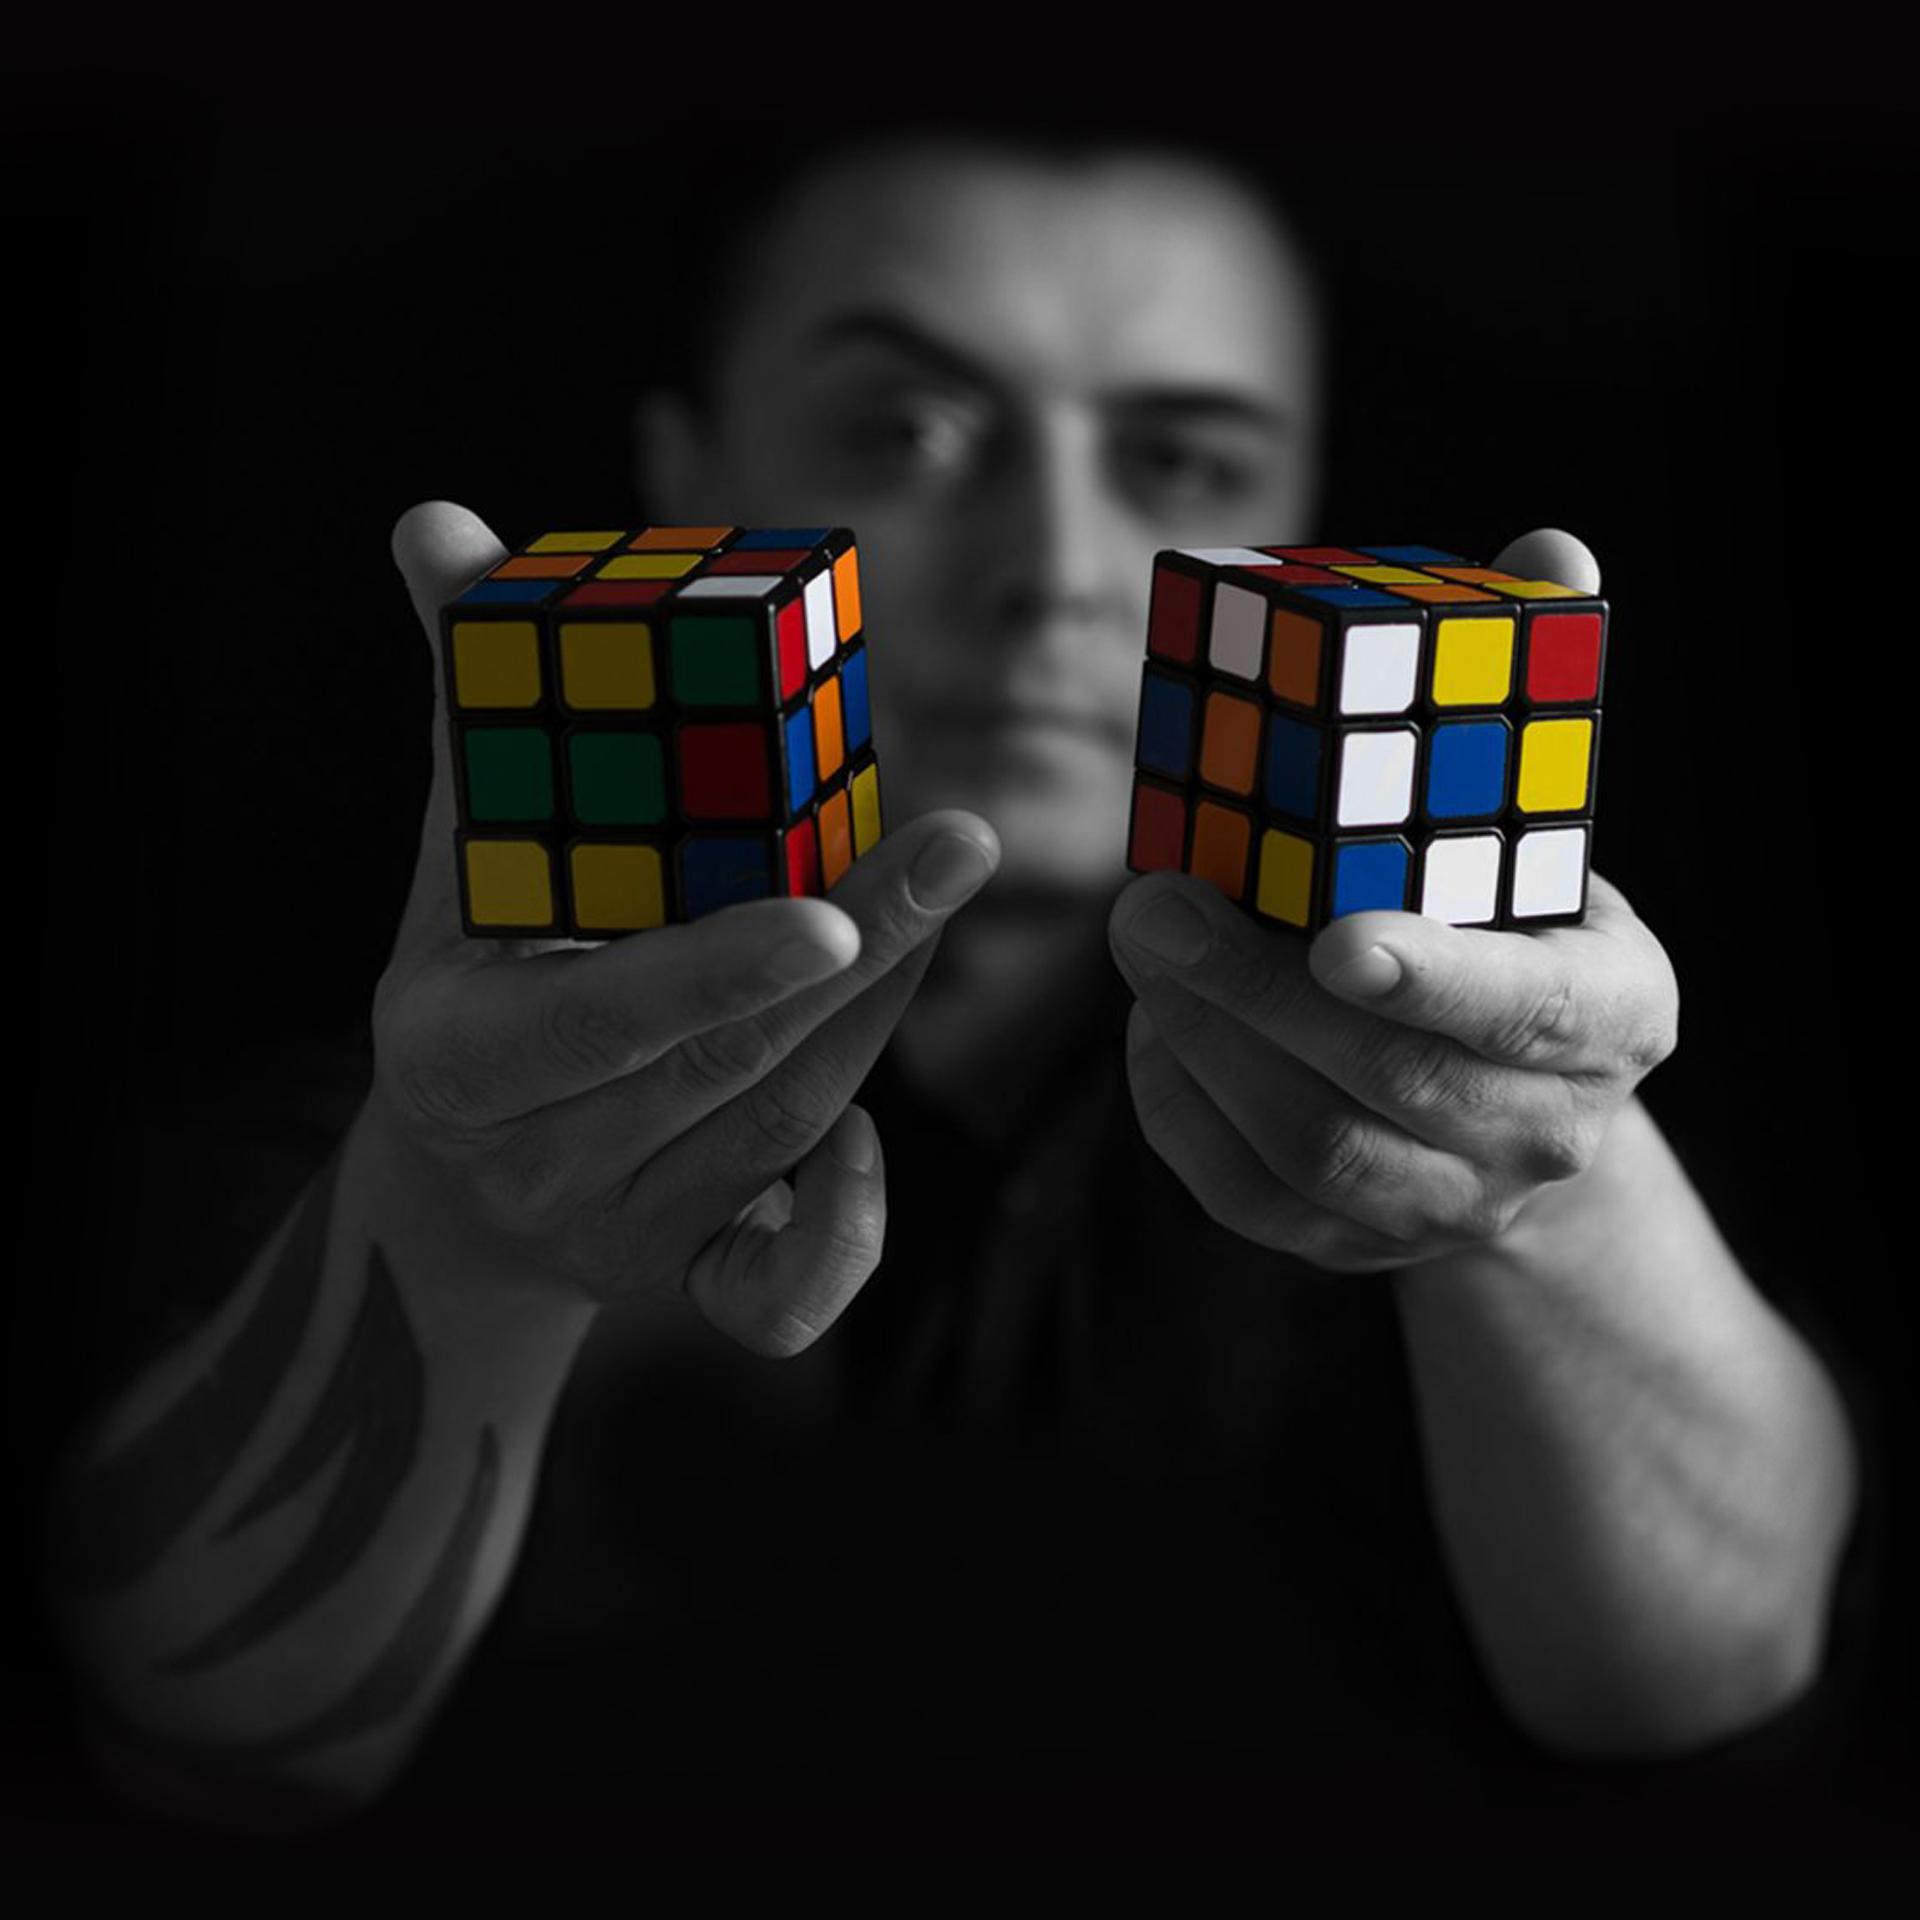 шахова телеведущей фото в кубиках цитаты золото очень